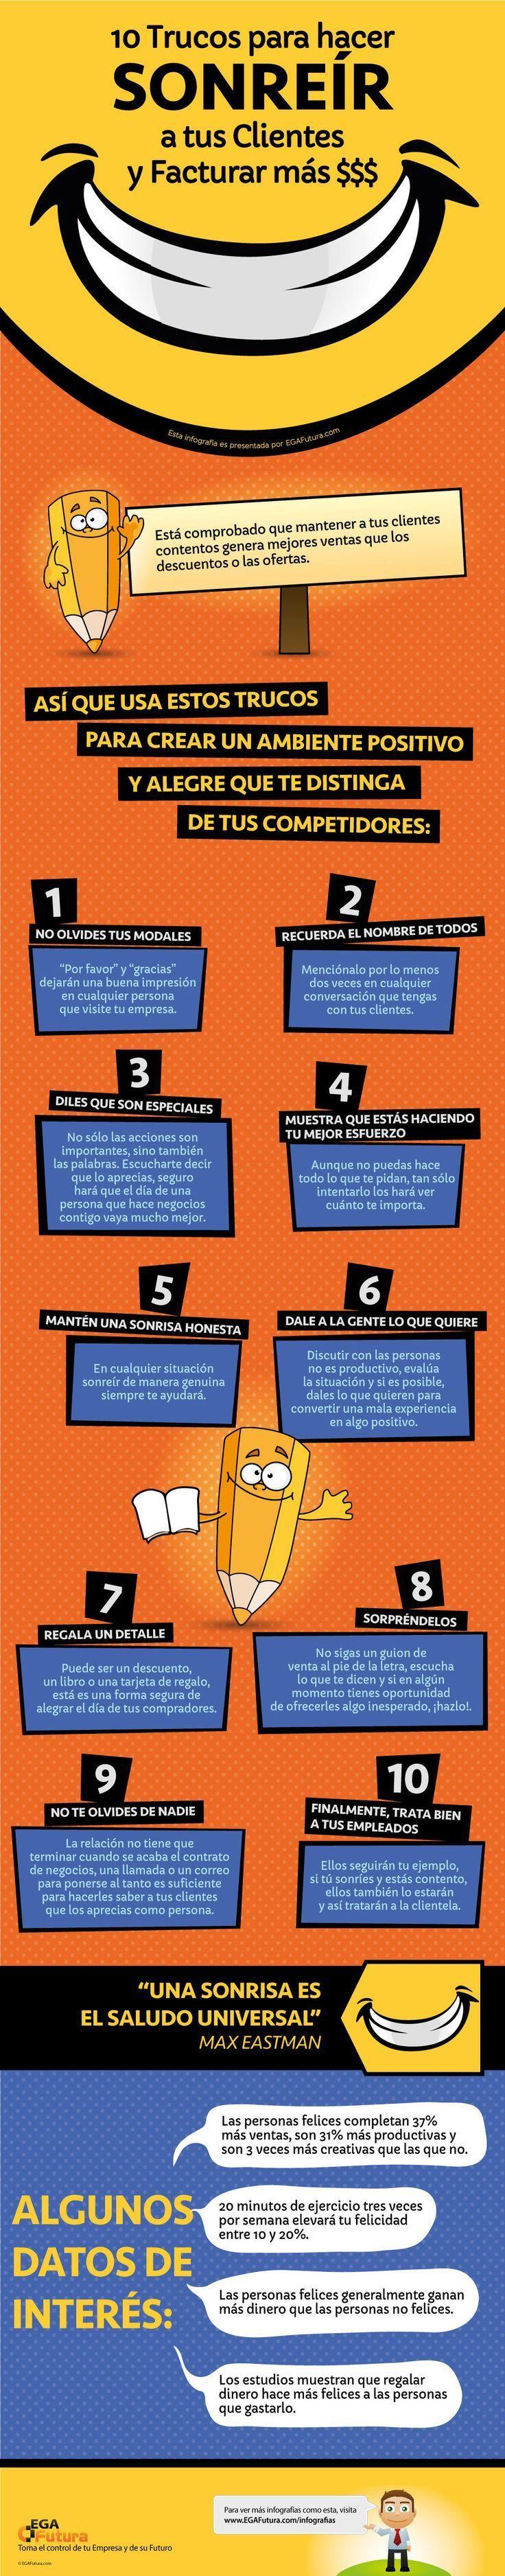 10 trucos para sonreír a los clientes y vender más. Vía @Trecebits #AtenciónAlCliente #Branding #Marketing